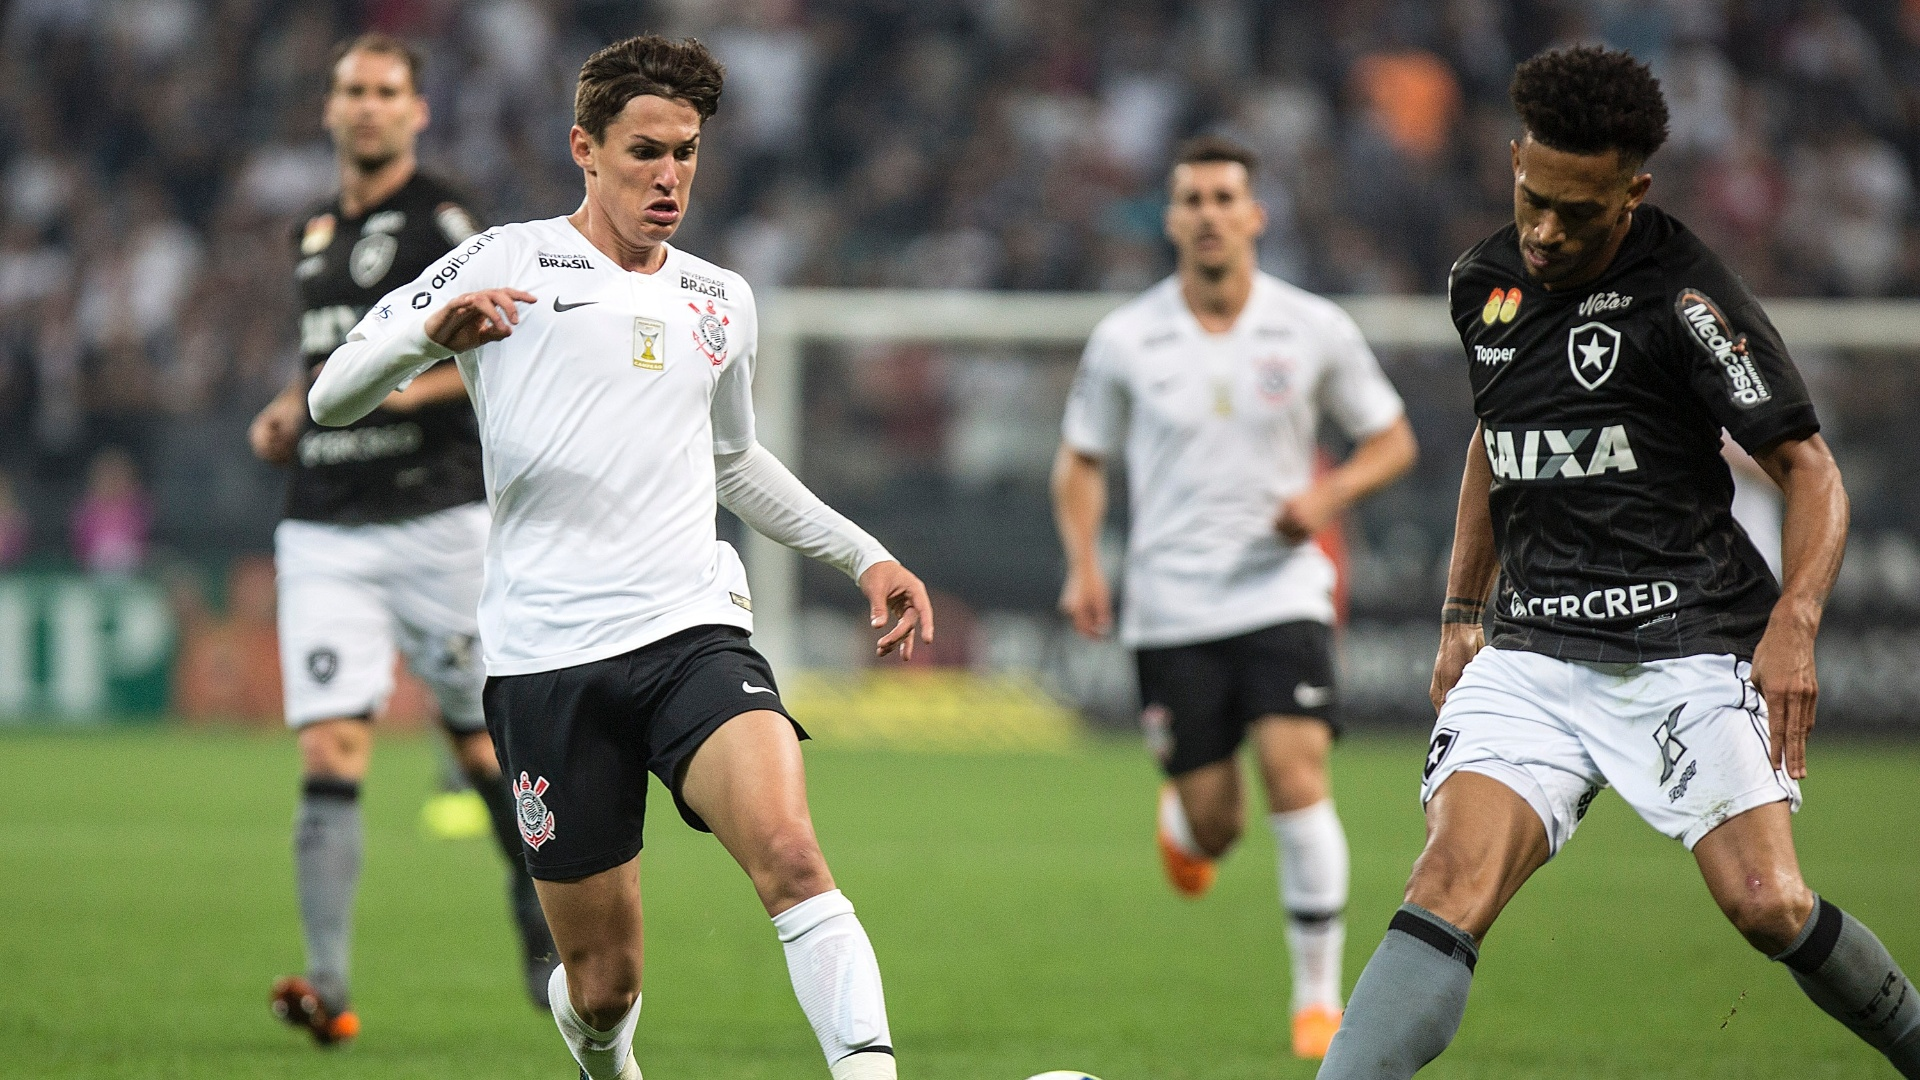 Mateus Vital divide com Luis Ricardo durante Corinthians x Botafogo no Brasileirão